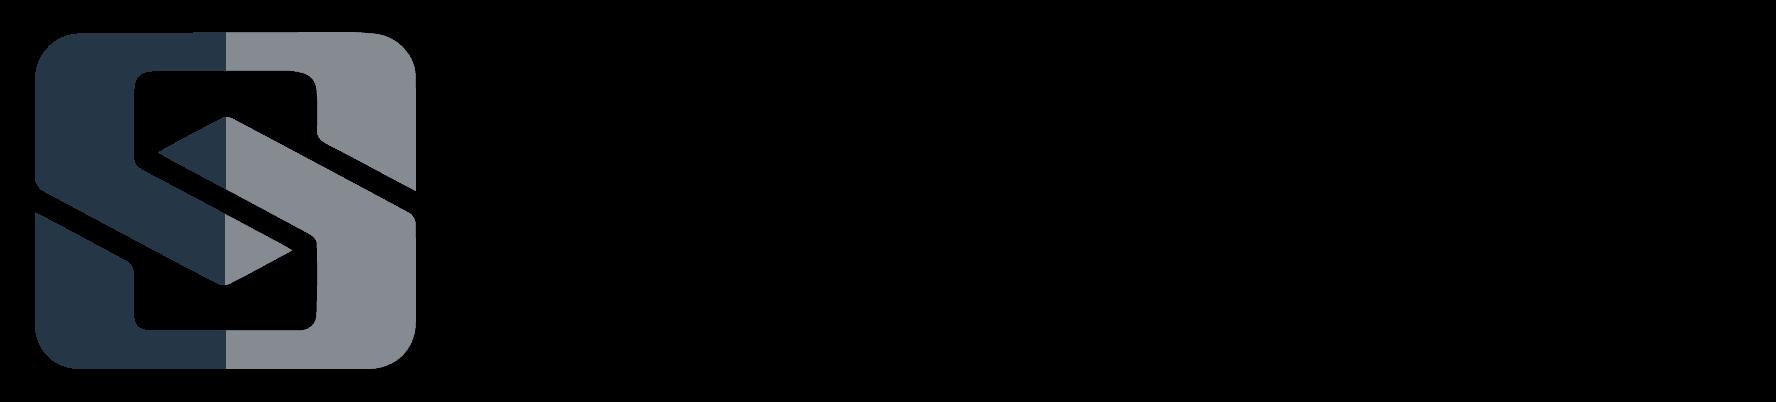 SOLOADSX-LOGO